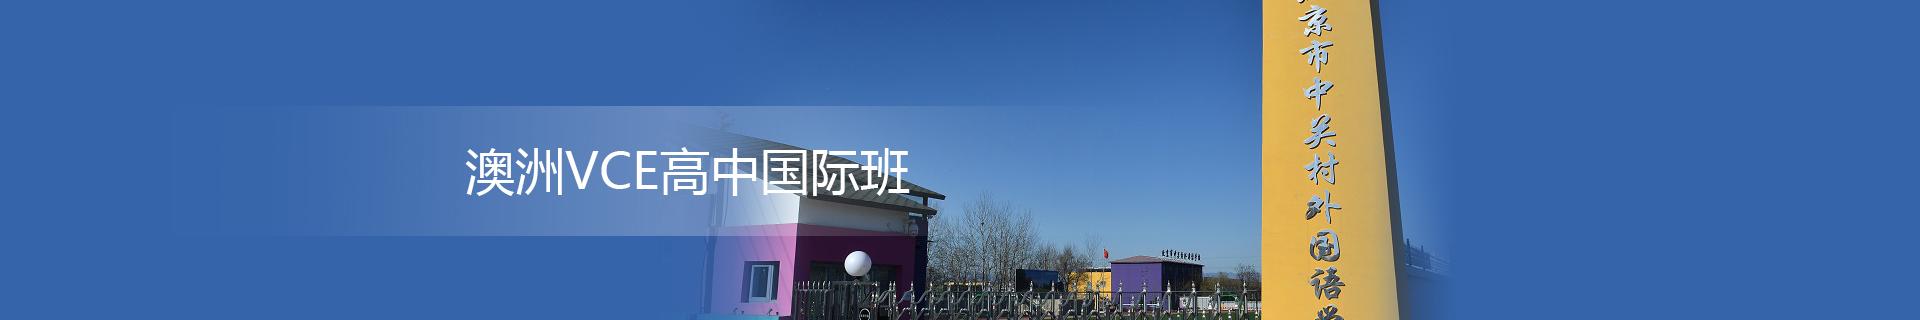 中关村外国语学校